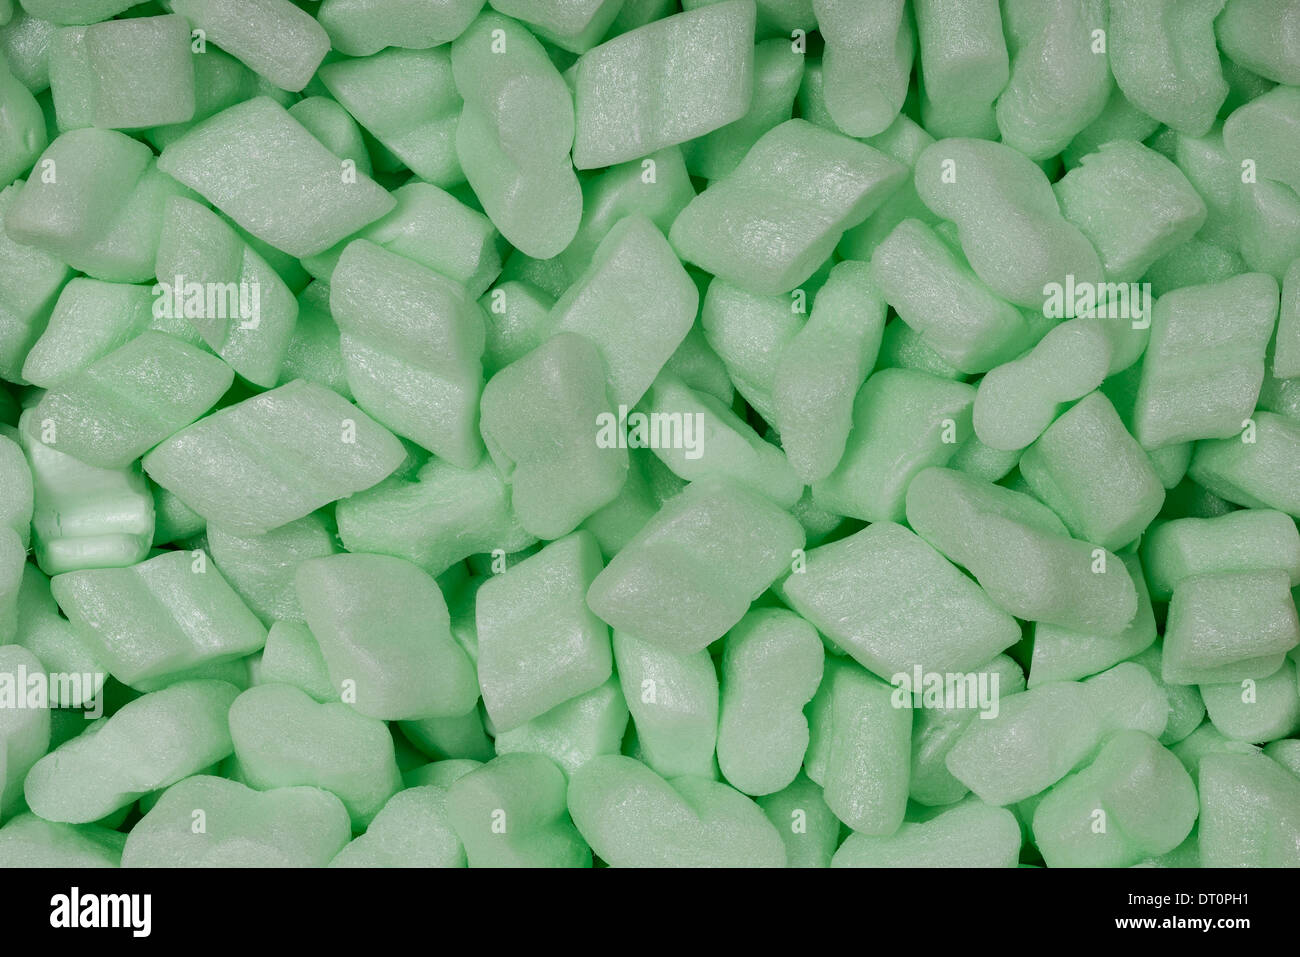 Grün aus Maisstärke Erdnüsse Verpackungsmaterial Stockbild